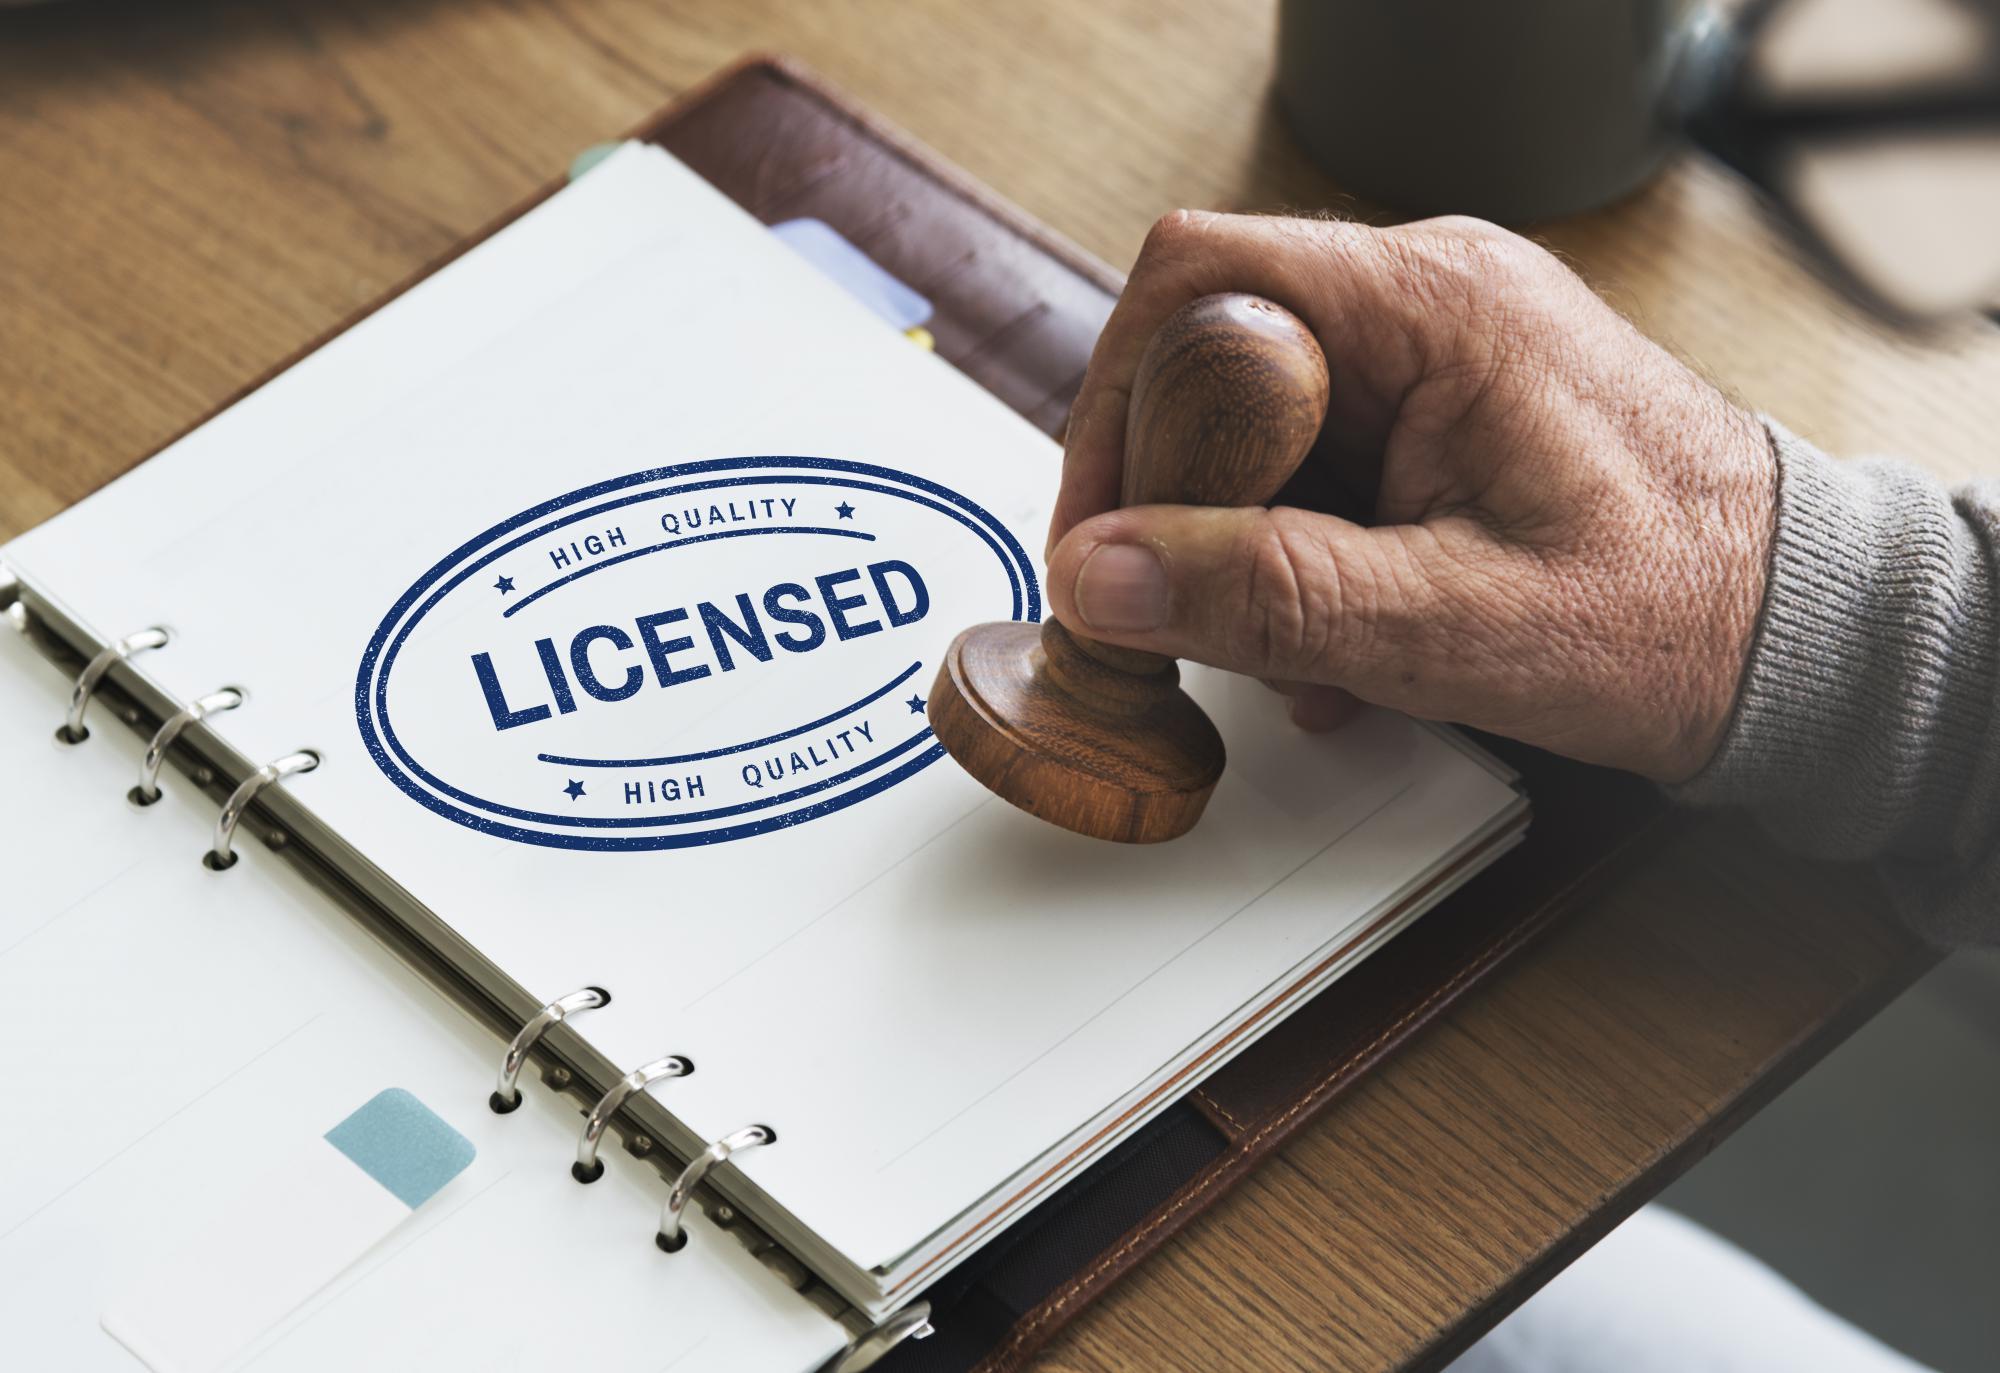 В РФ появится новый тип лицензирования авторских прав